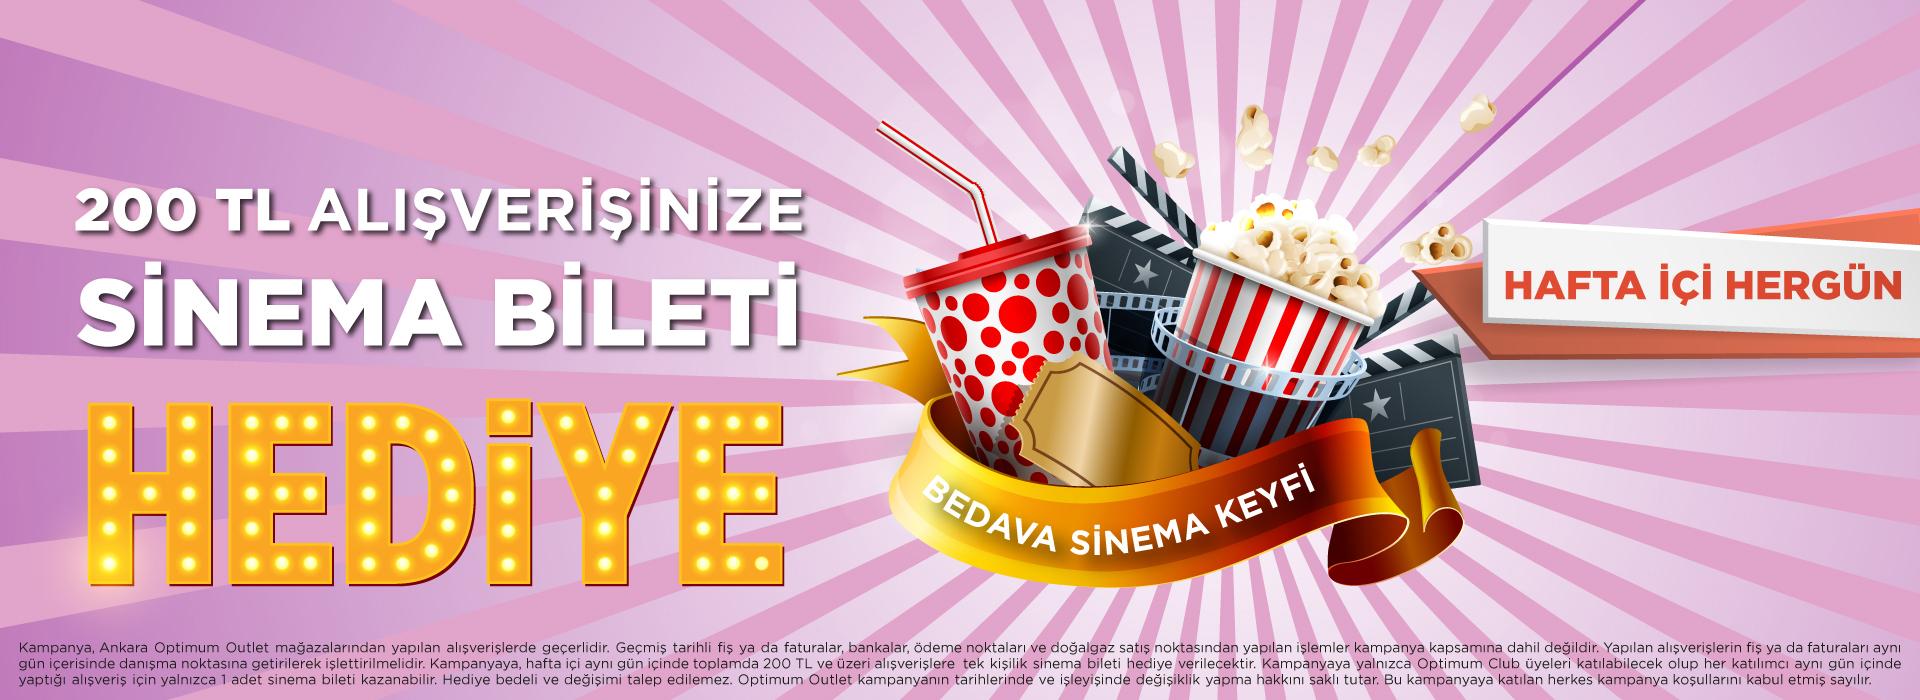 200 TL alışverişinize sinema bileti hediye